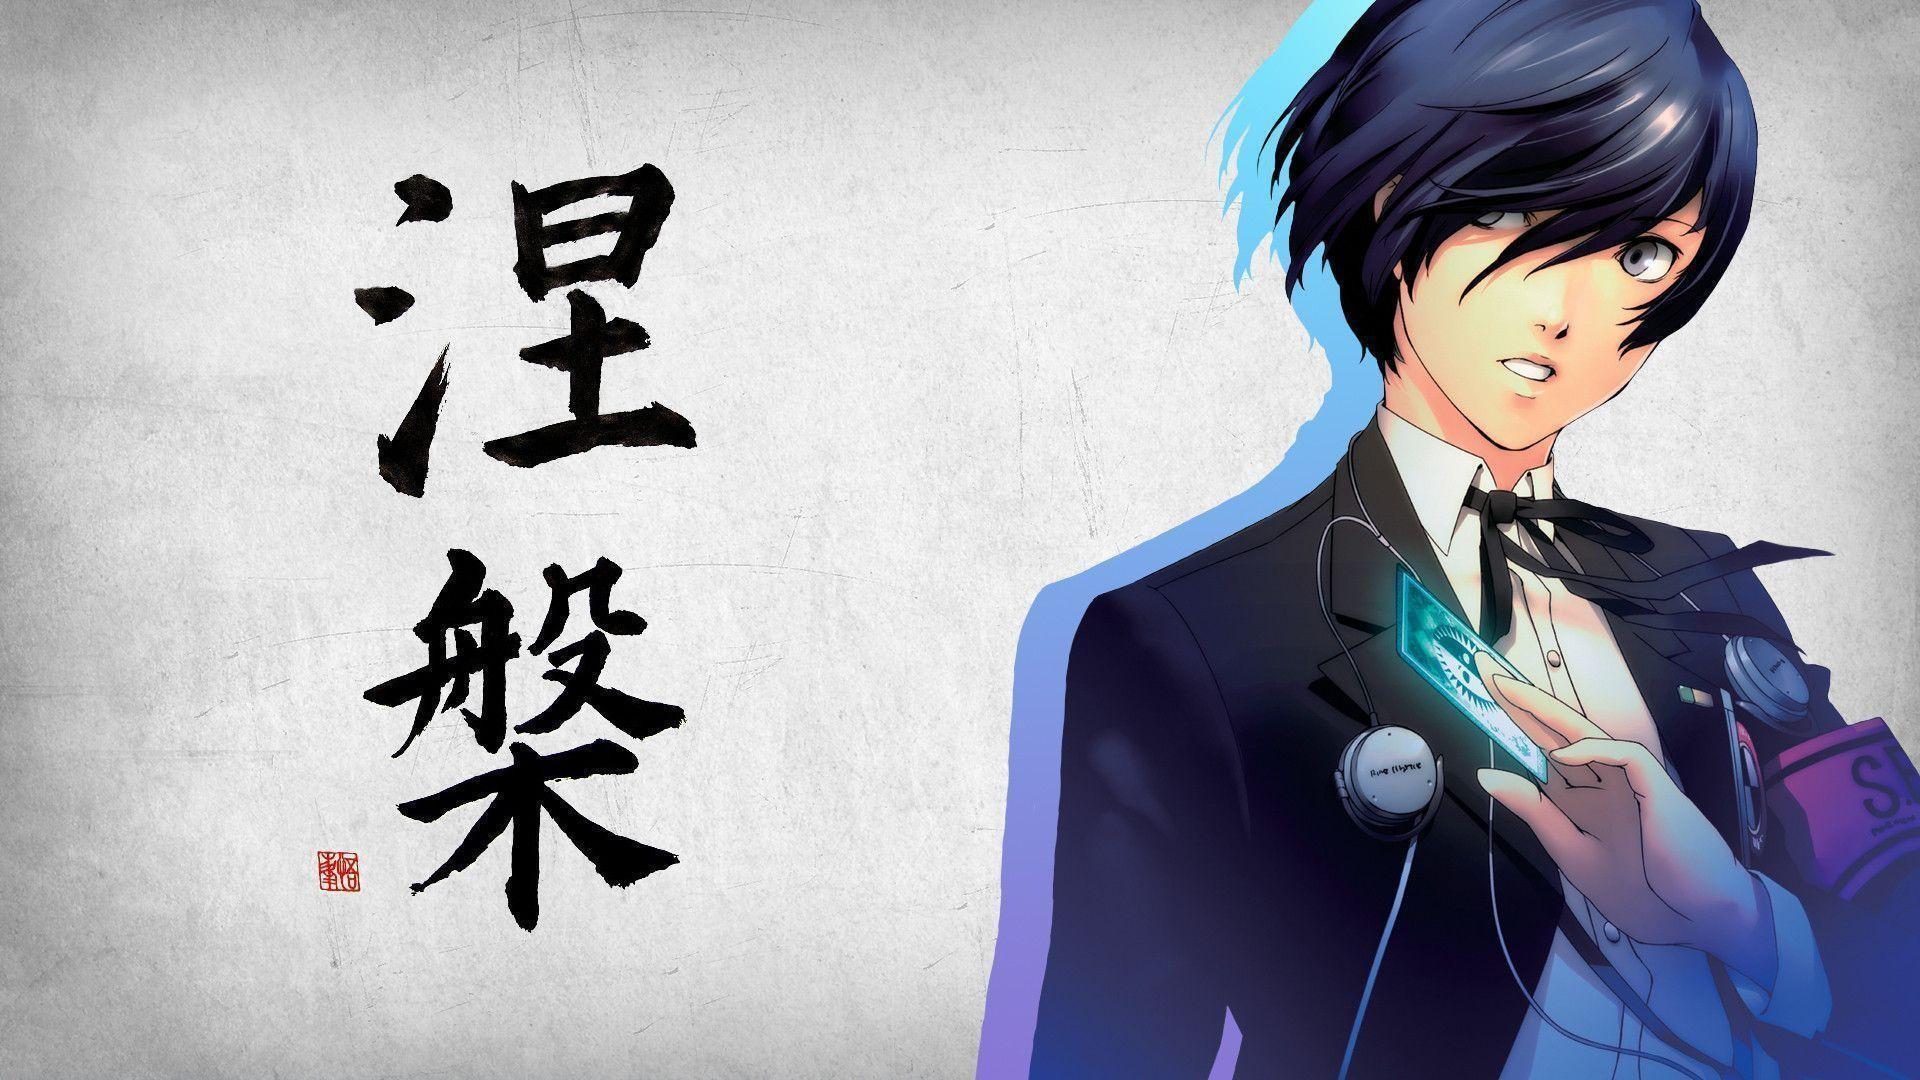 Persona 3 Portable Wallpaper ·①